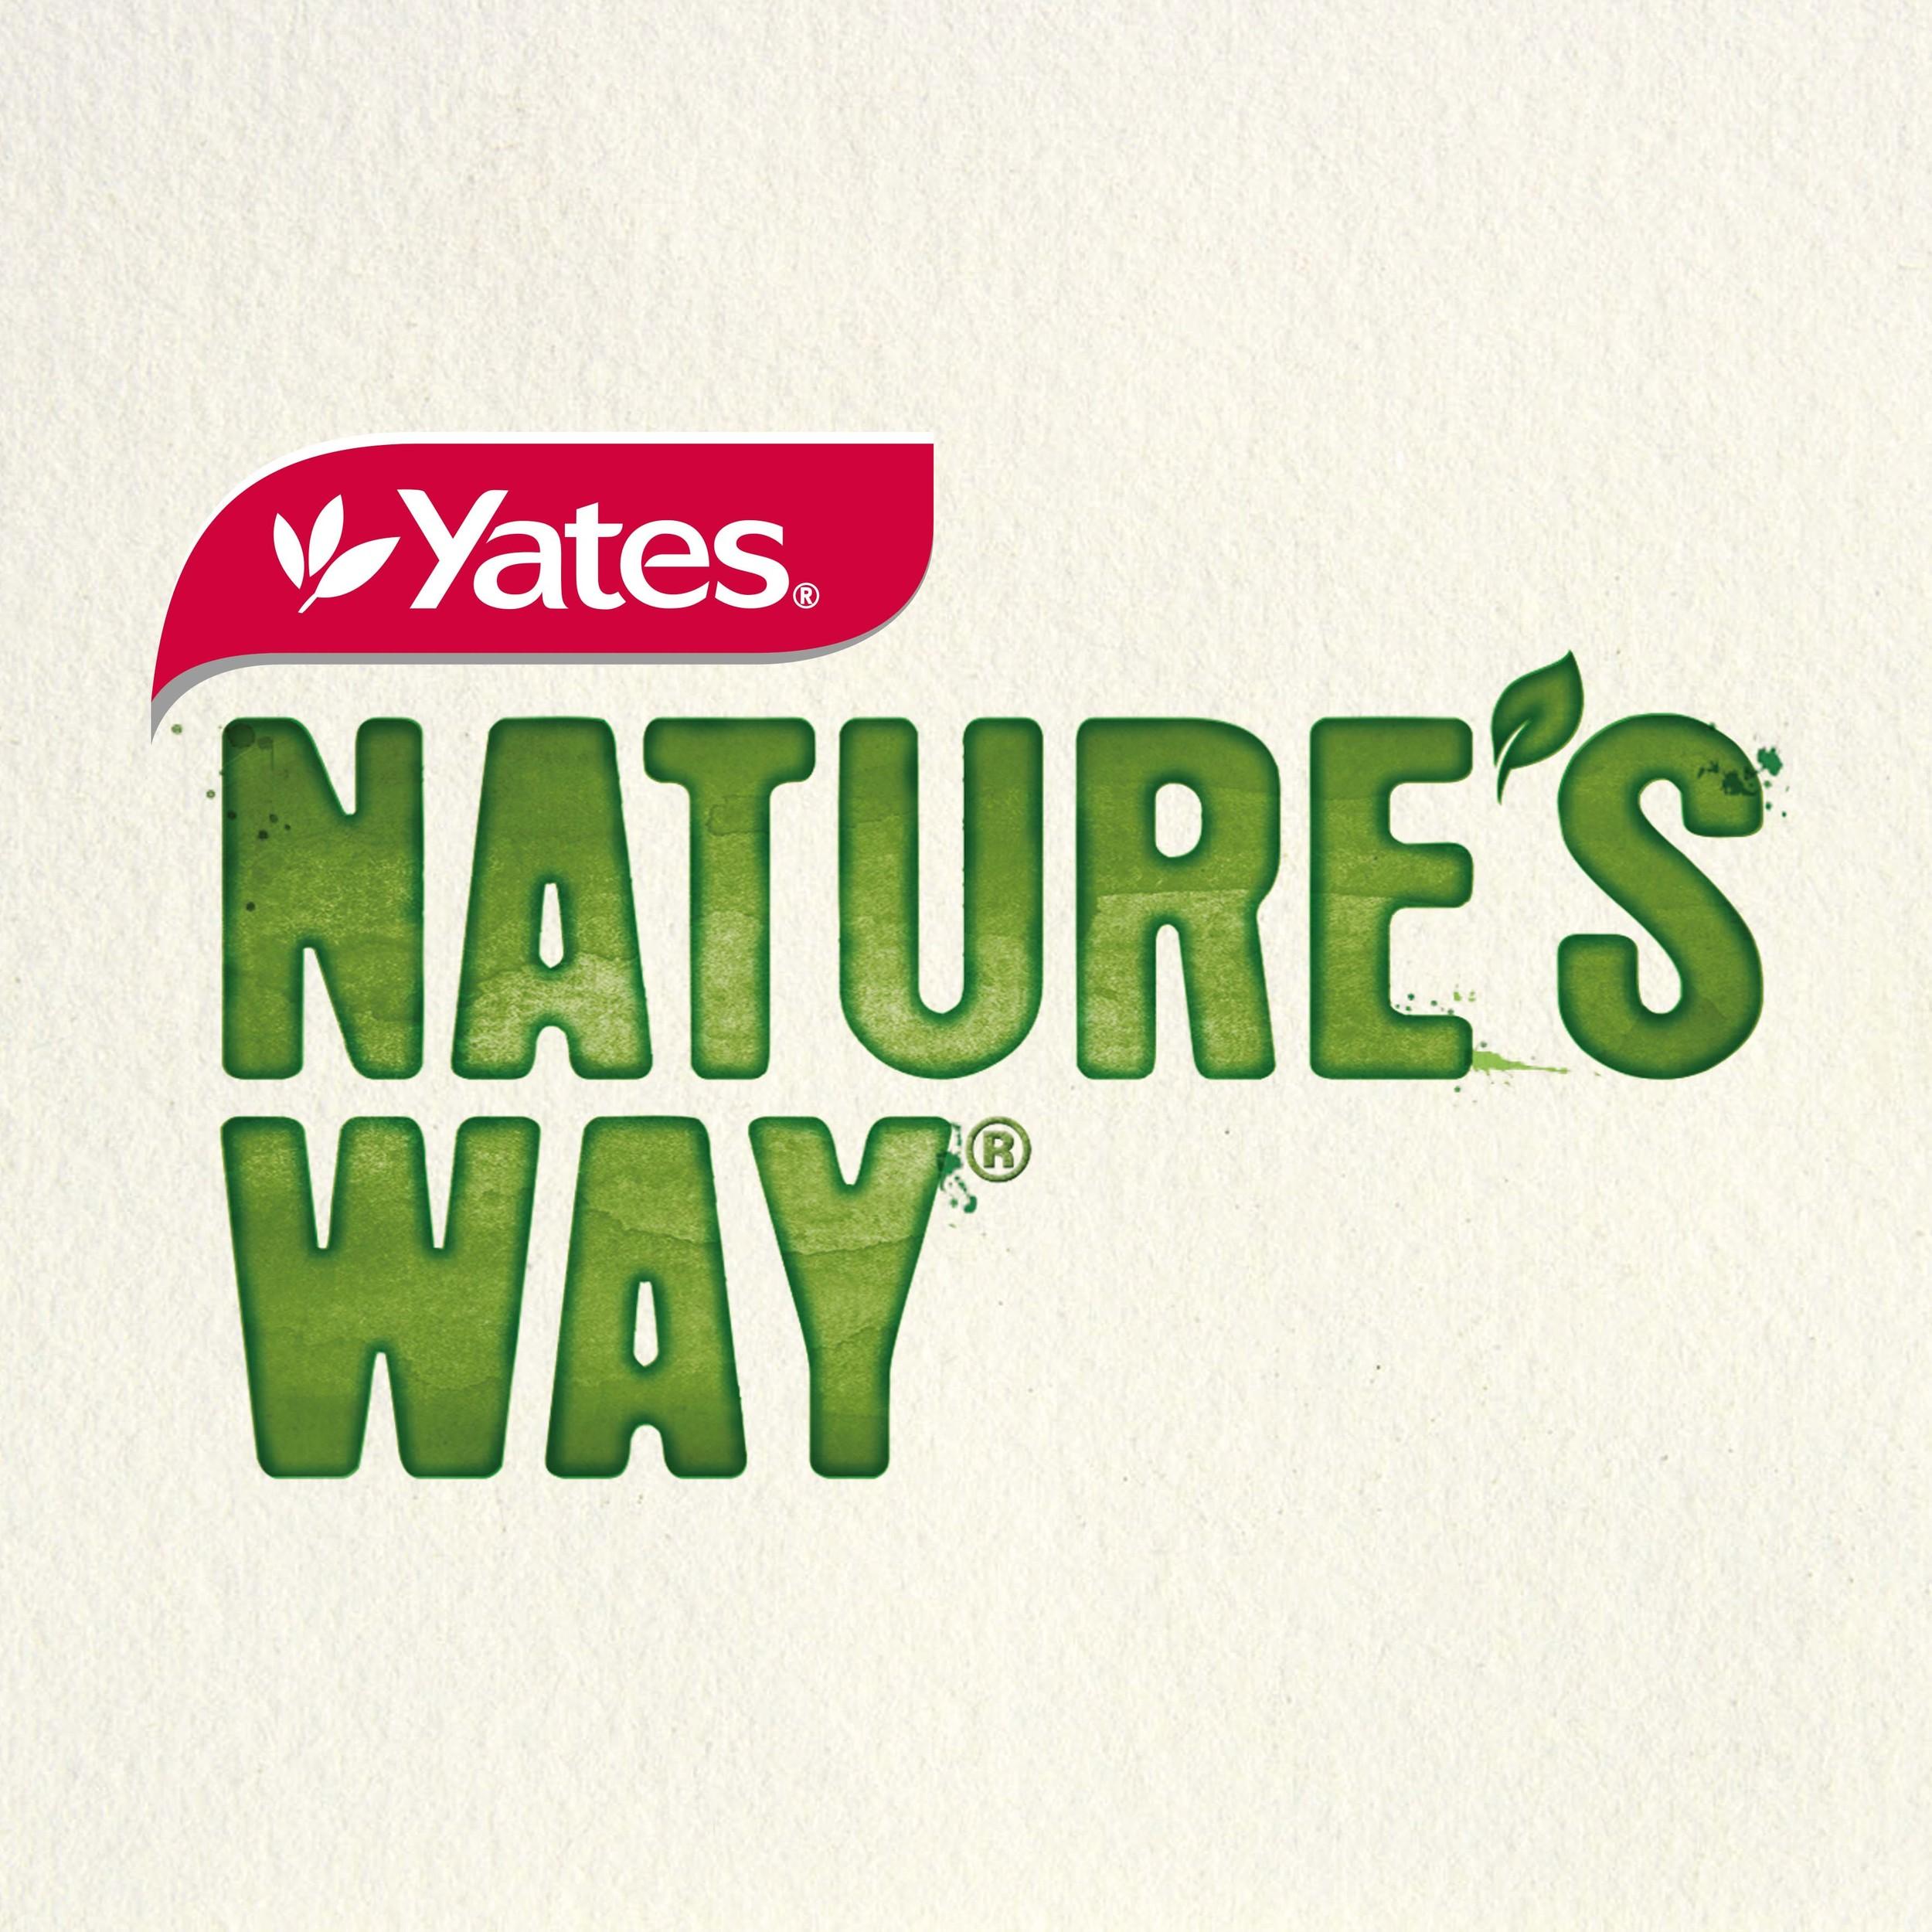 Yates_Natures way logo_150 dpi_RGB.jpg